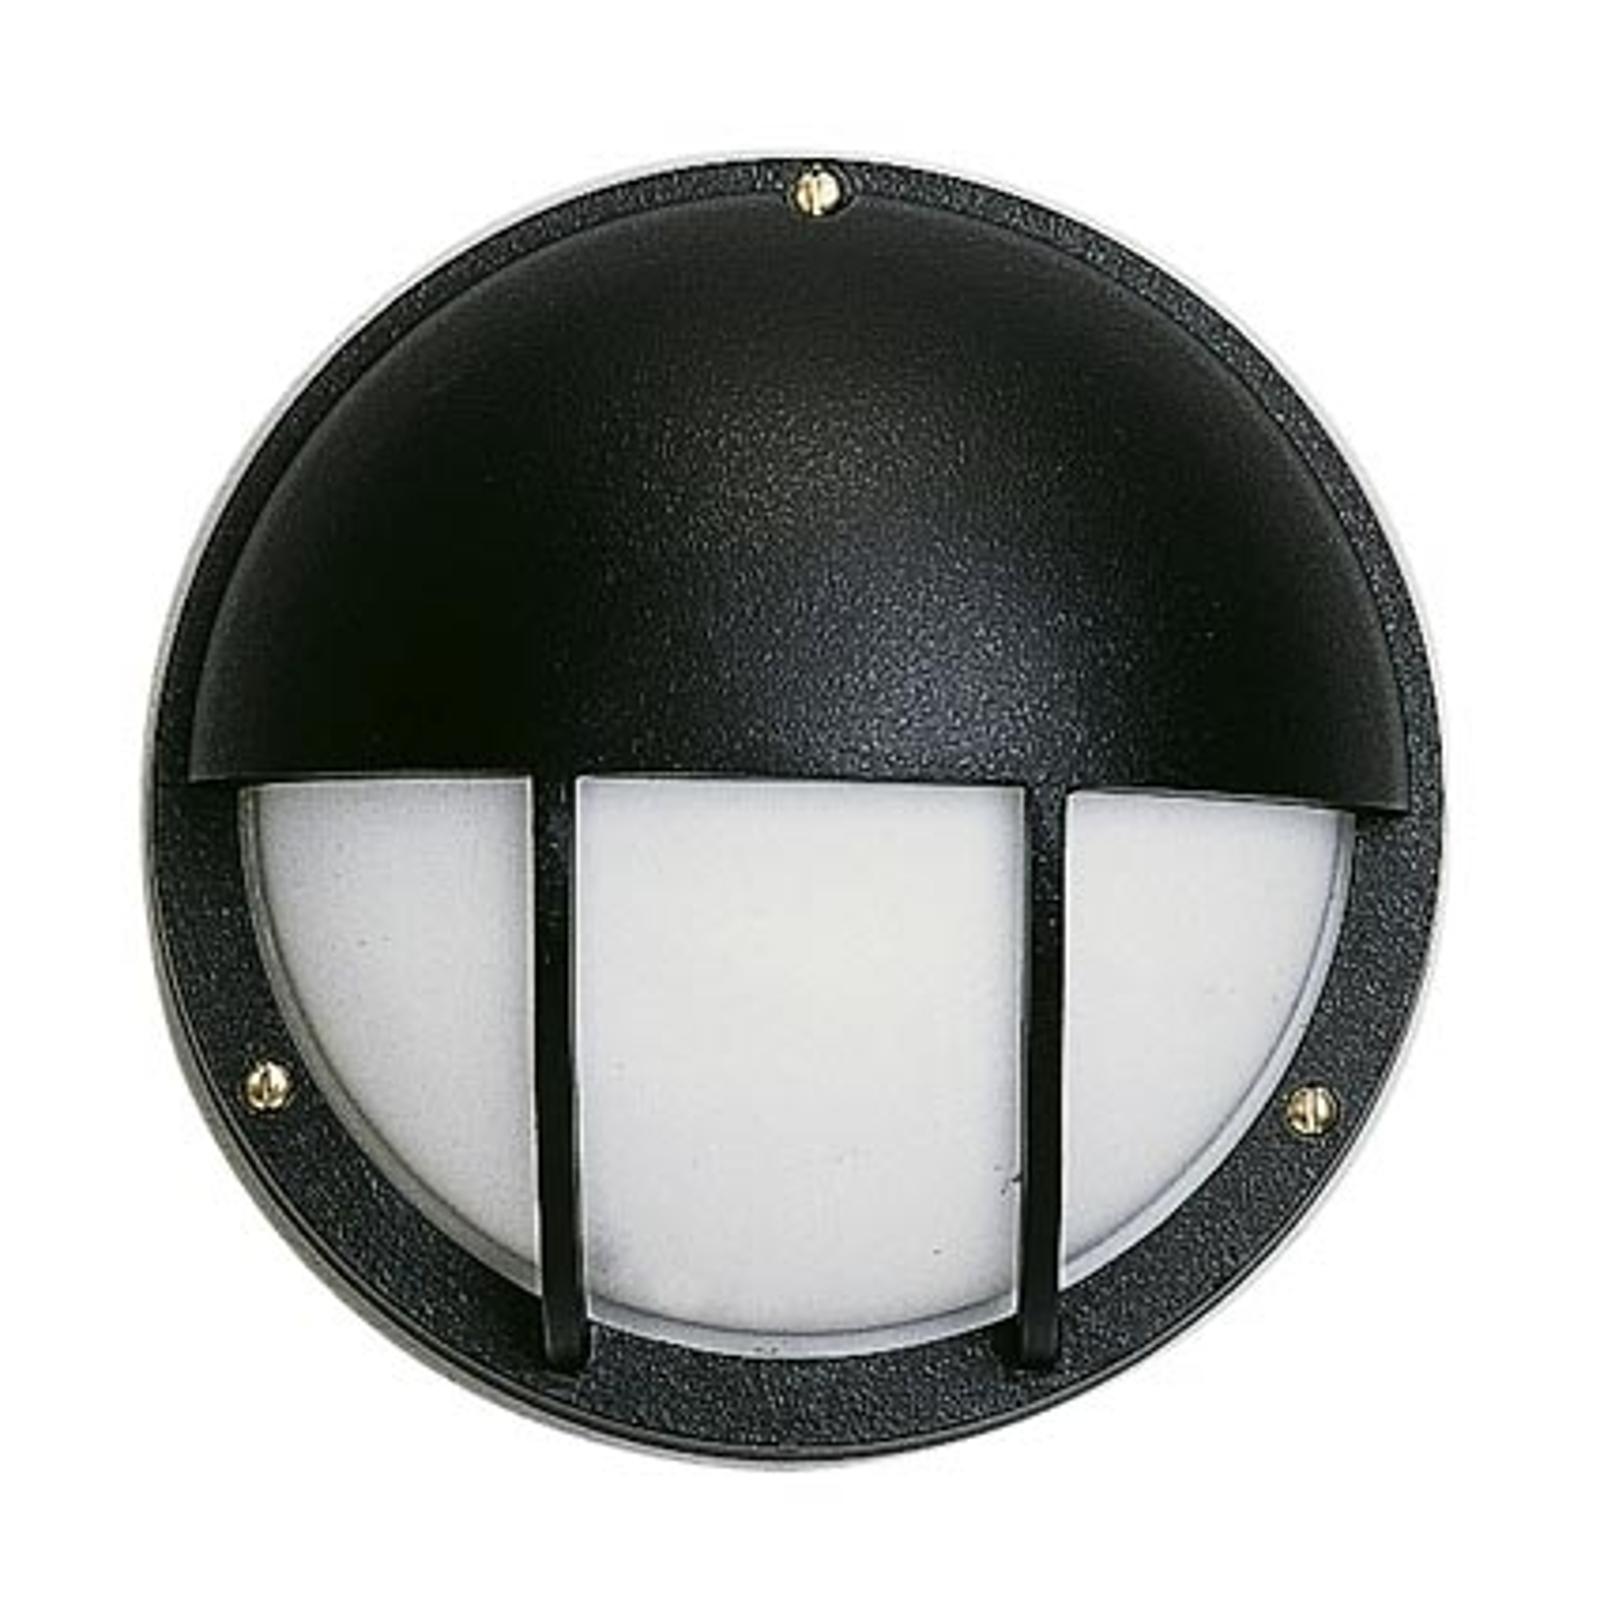 Zewnętrzna lampa sufitowa - ścienna 307 S E27